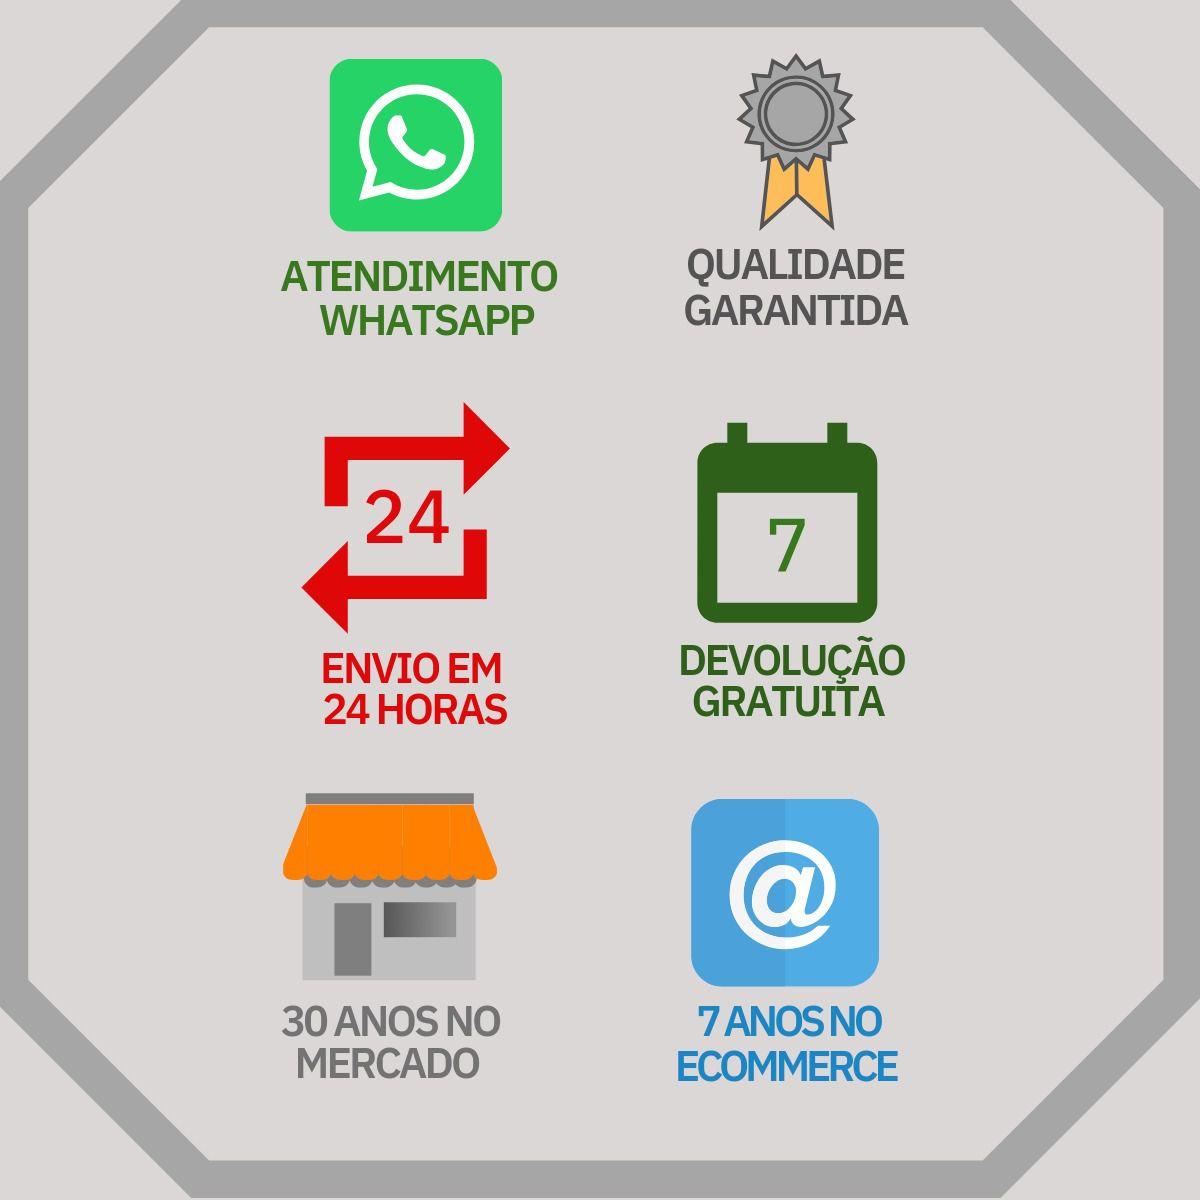 20 Peças De Trimpot Smd 10k Cvr-043 - Novo